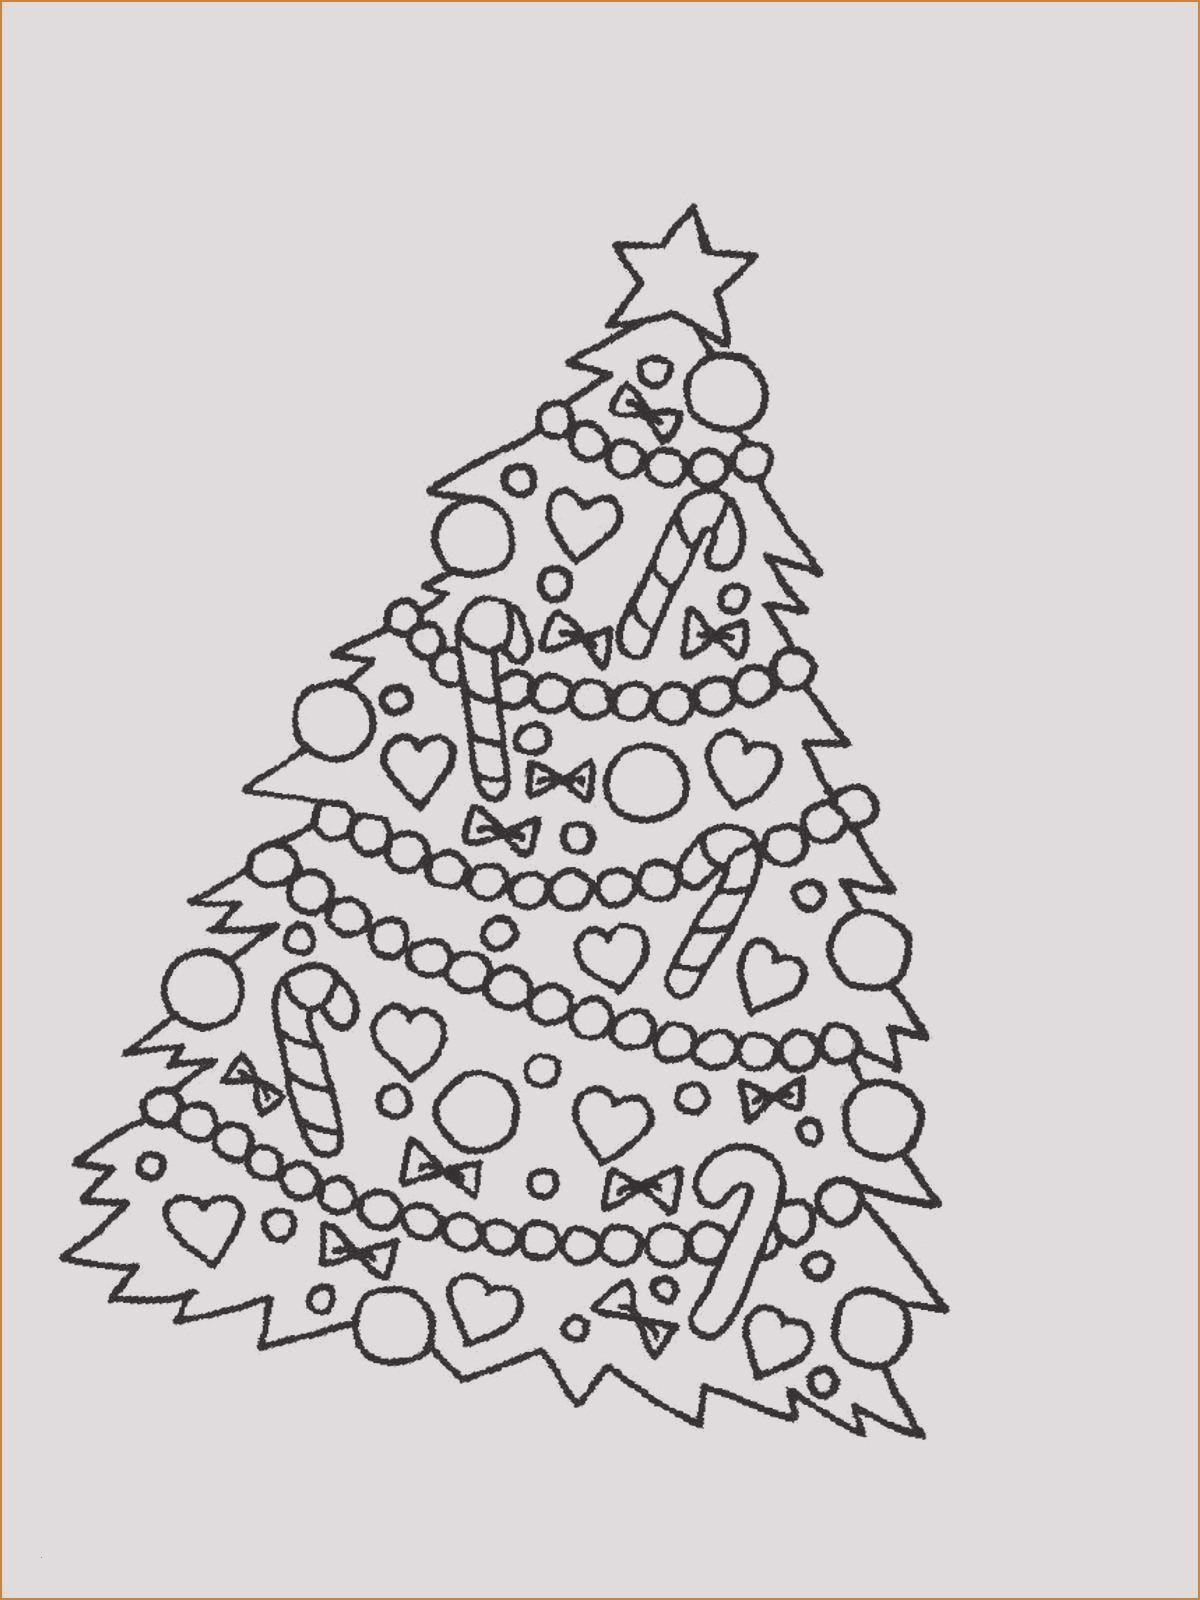 Malvorlagen Weihnachten Tannenbaum Neu 30 Die Besten Ausmalbilder Weihnachten Zum Ausdrucken Neuste Fotografieren